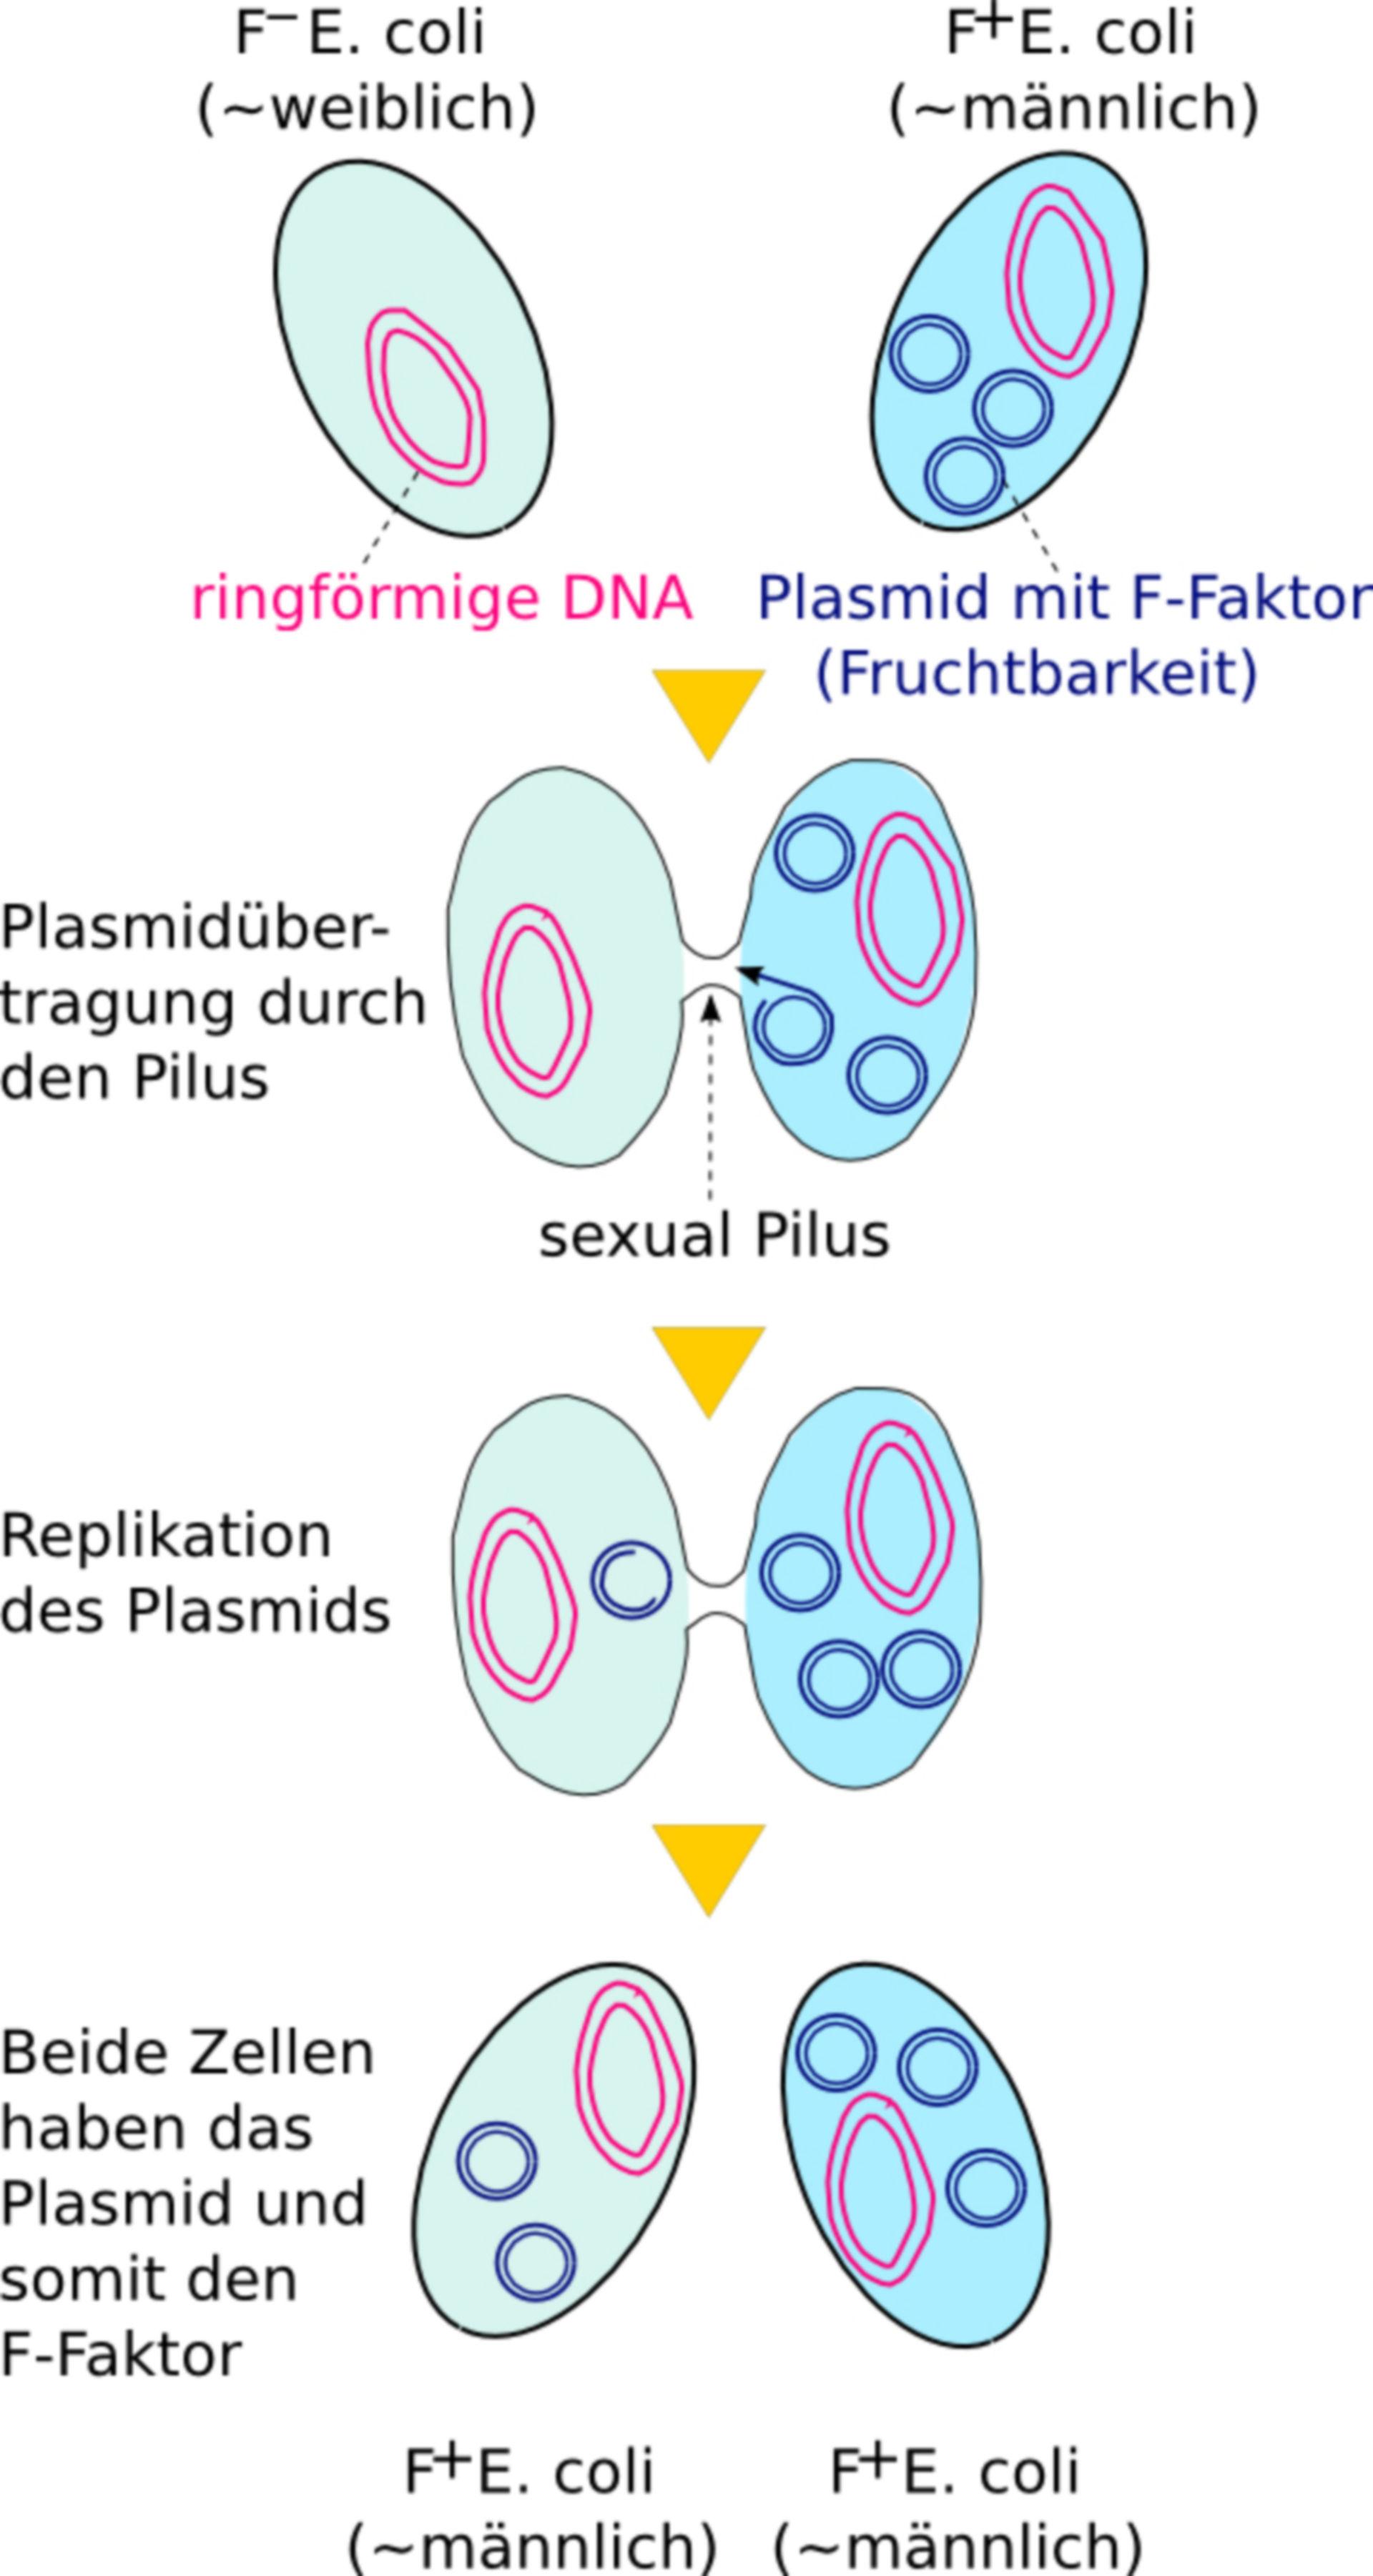 Konjugation bei Escherichia coli